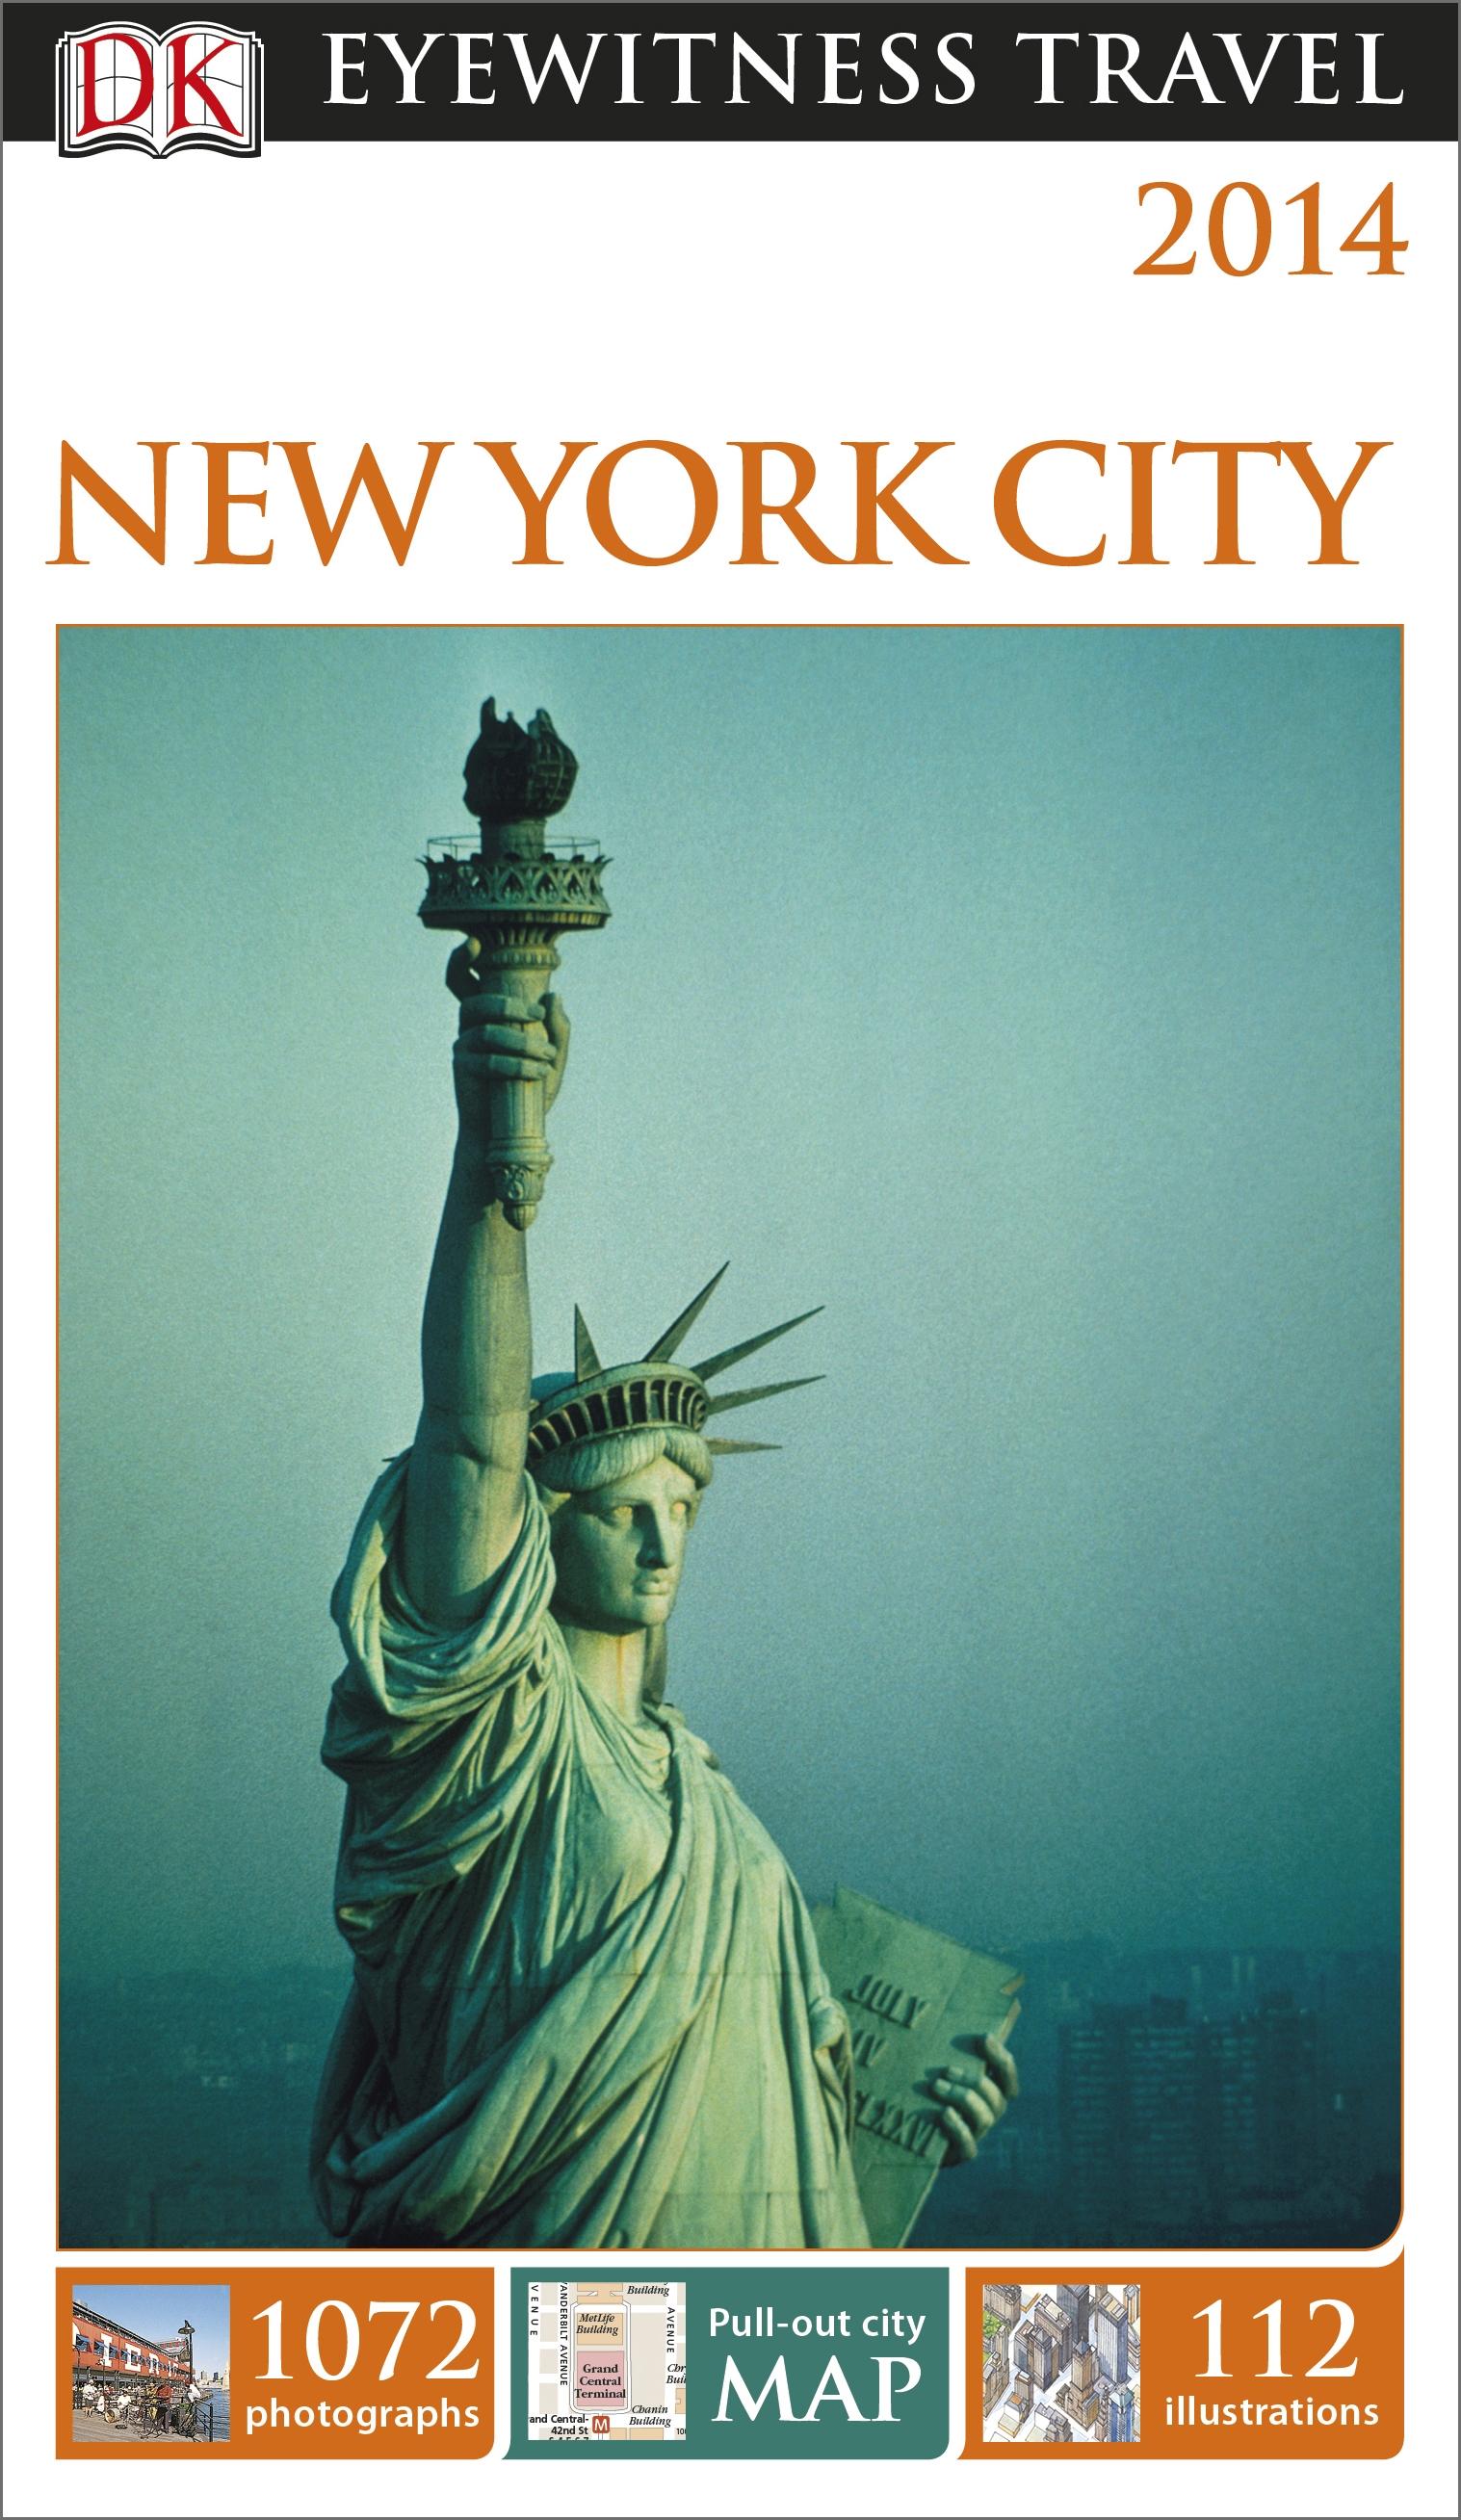 NYC guidebook 2014